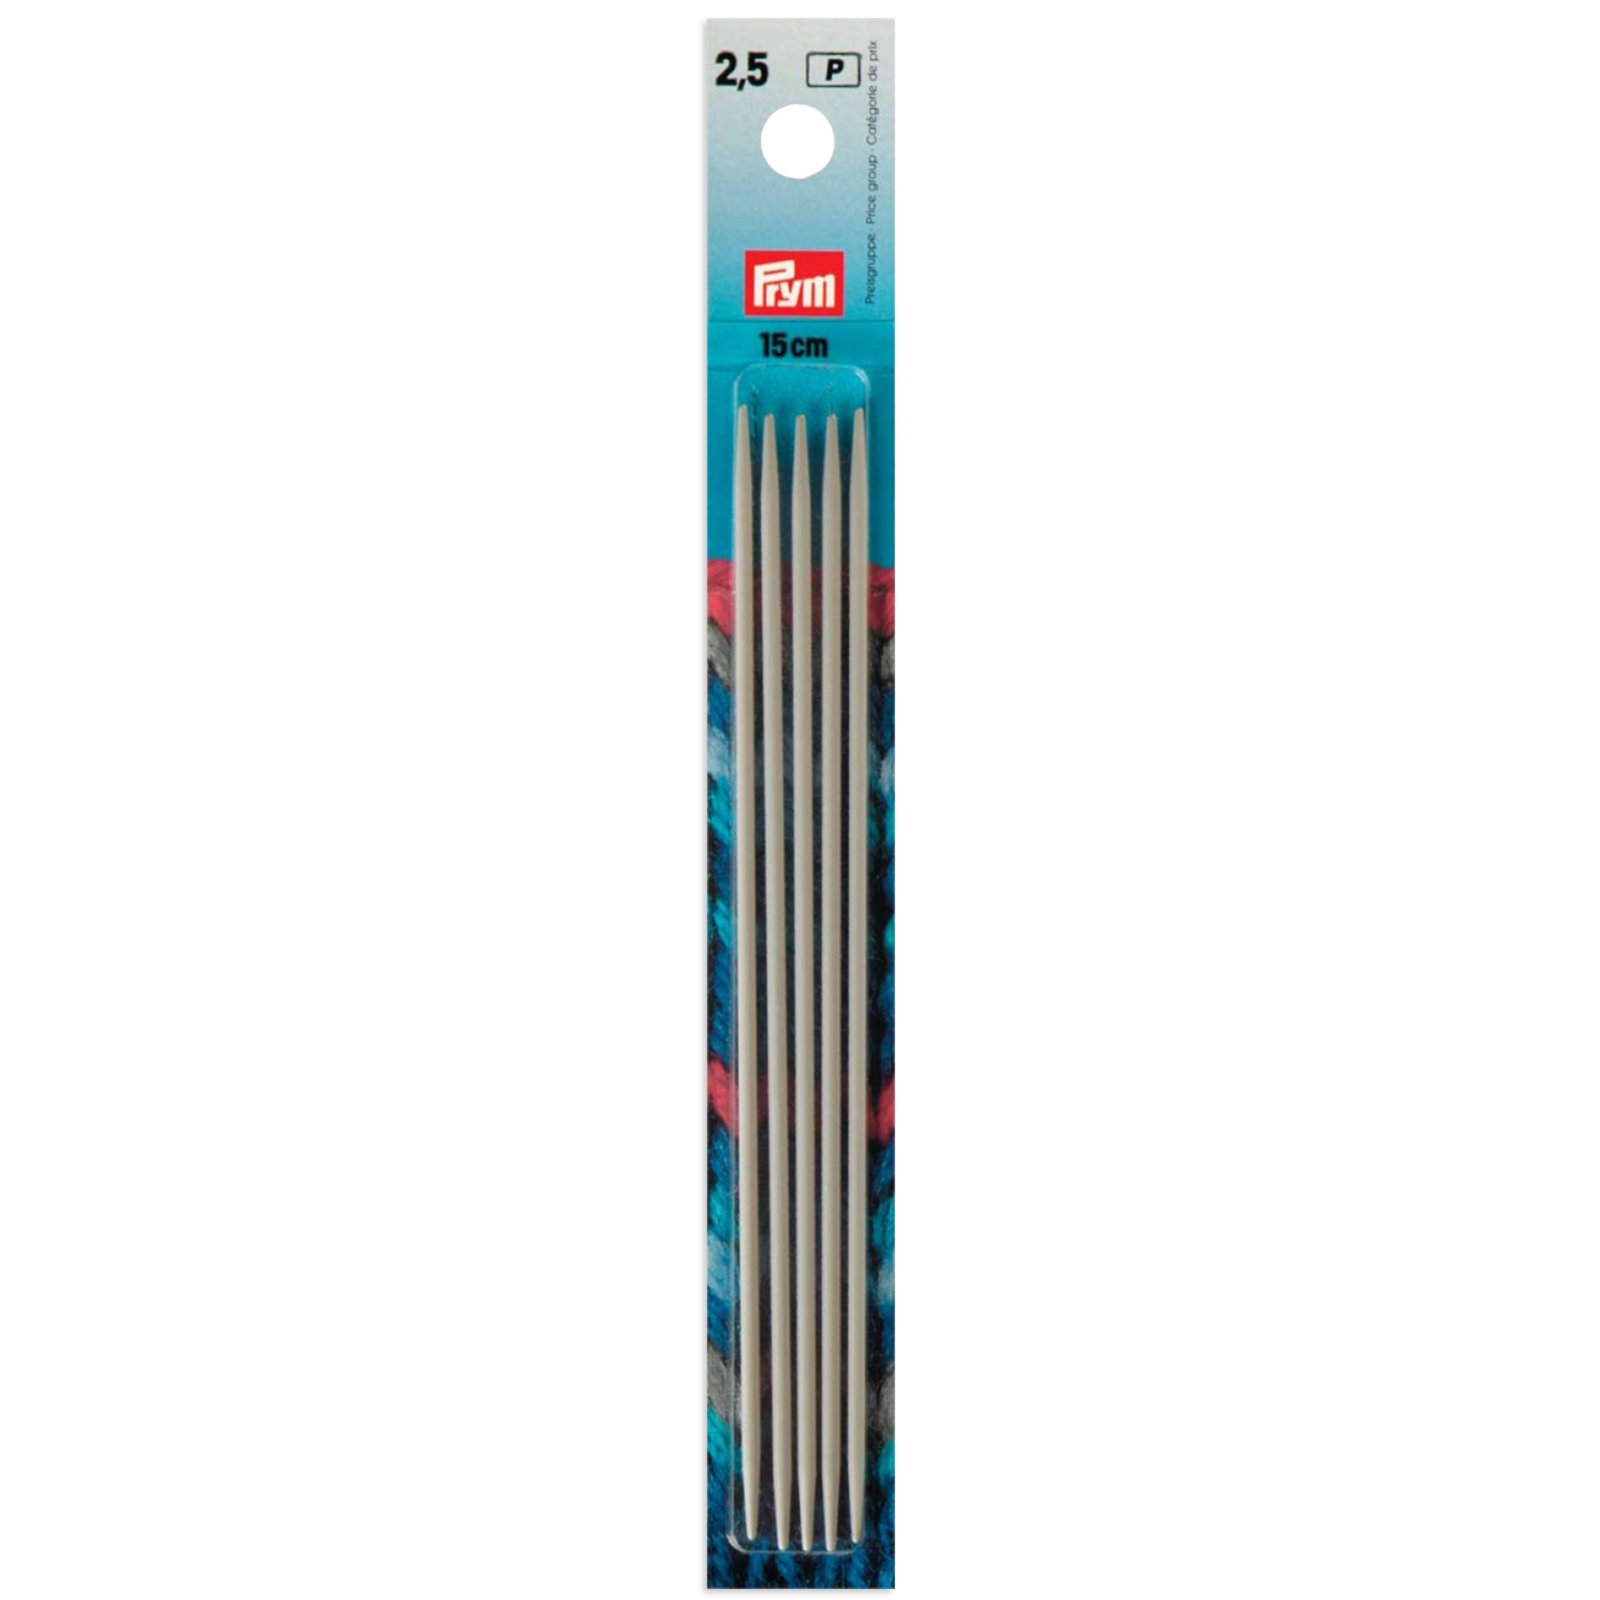 Strumpfstricknadel - 4 Stück - 0,25 cm